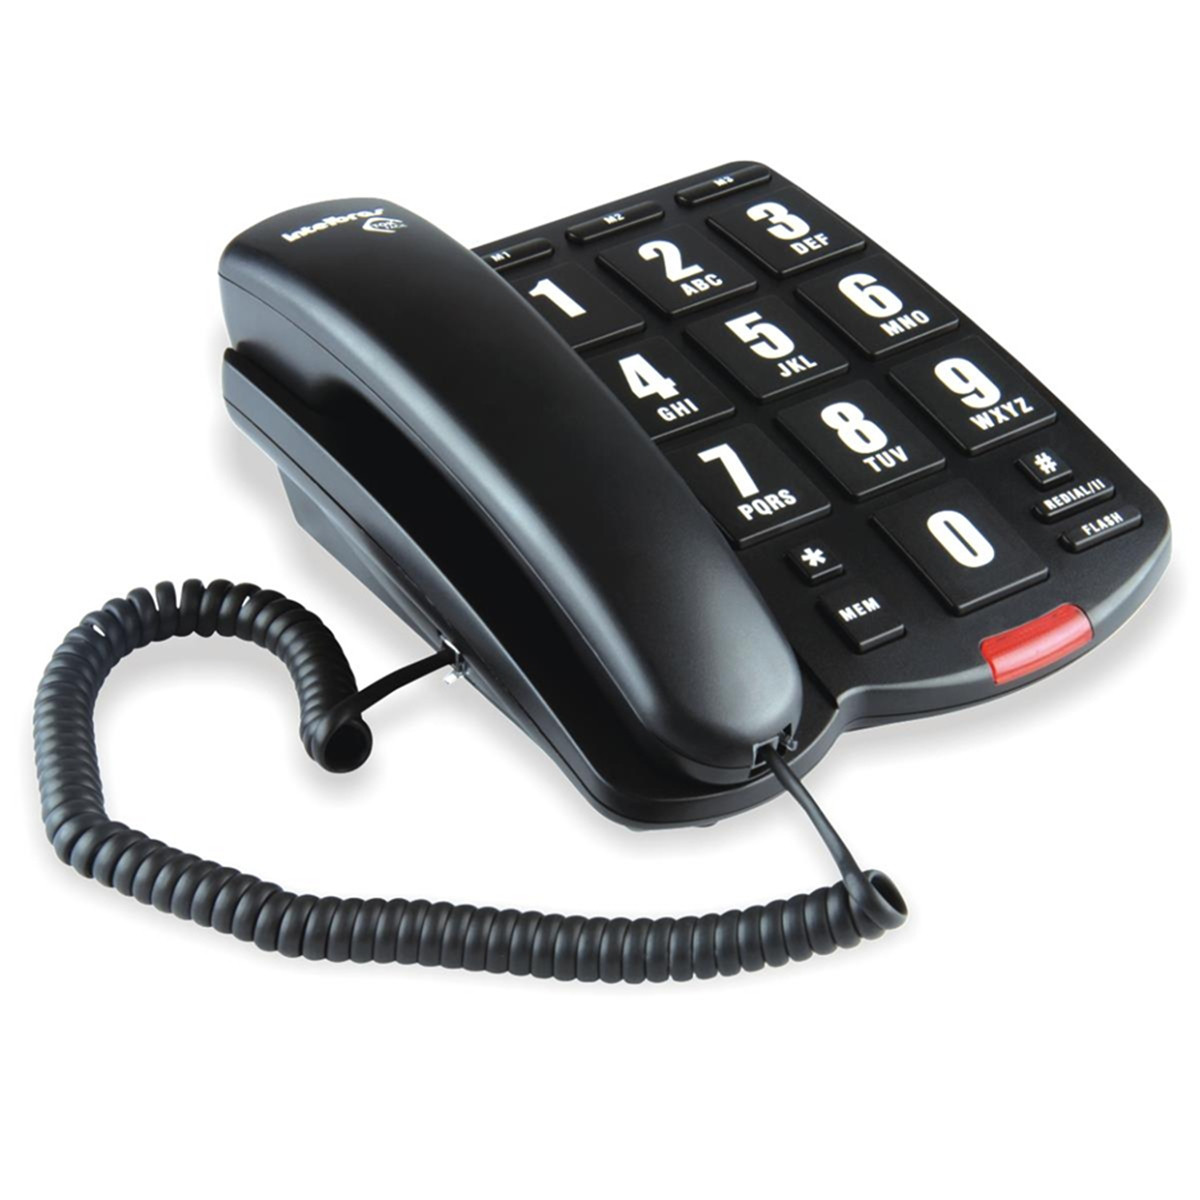 Telefone com Fio Intelbras Tok Fácil com Teclas Grandes | Preto